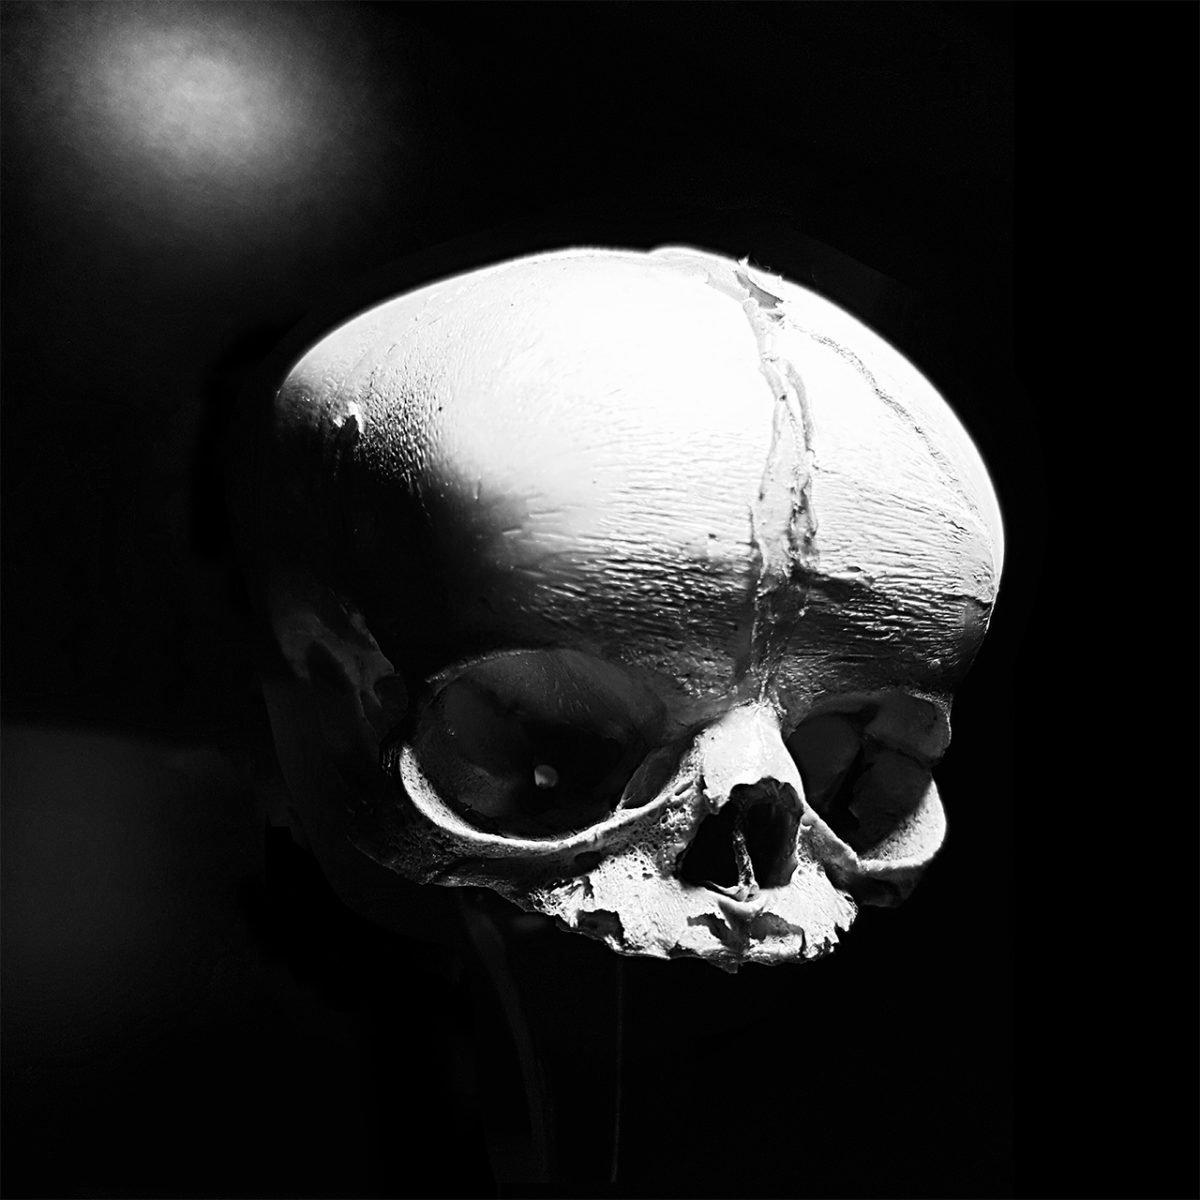 Fetus Skull by Guy Labo-O-Kult